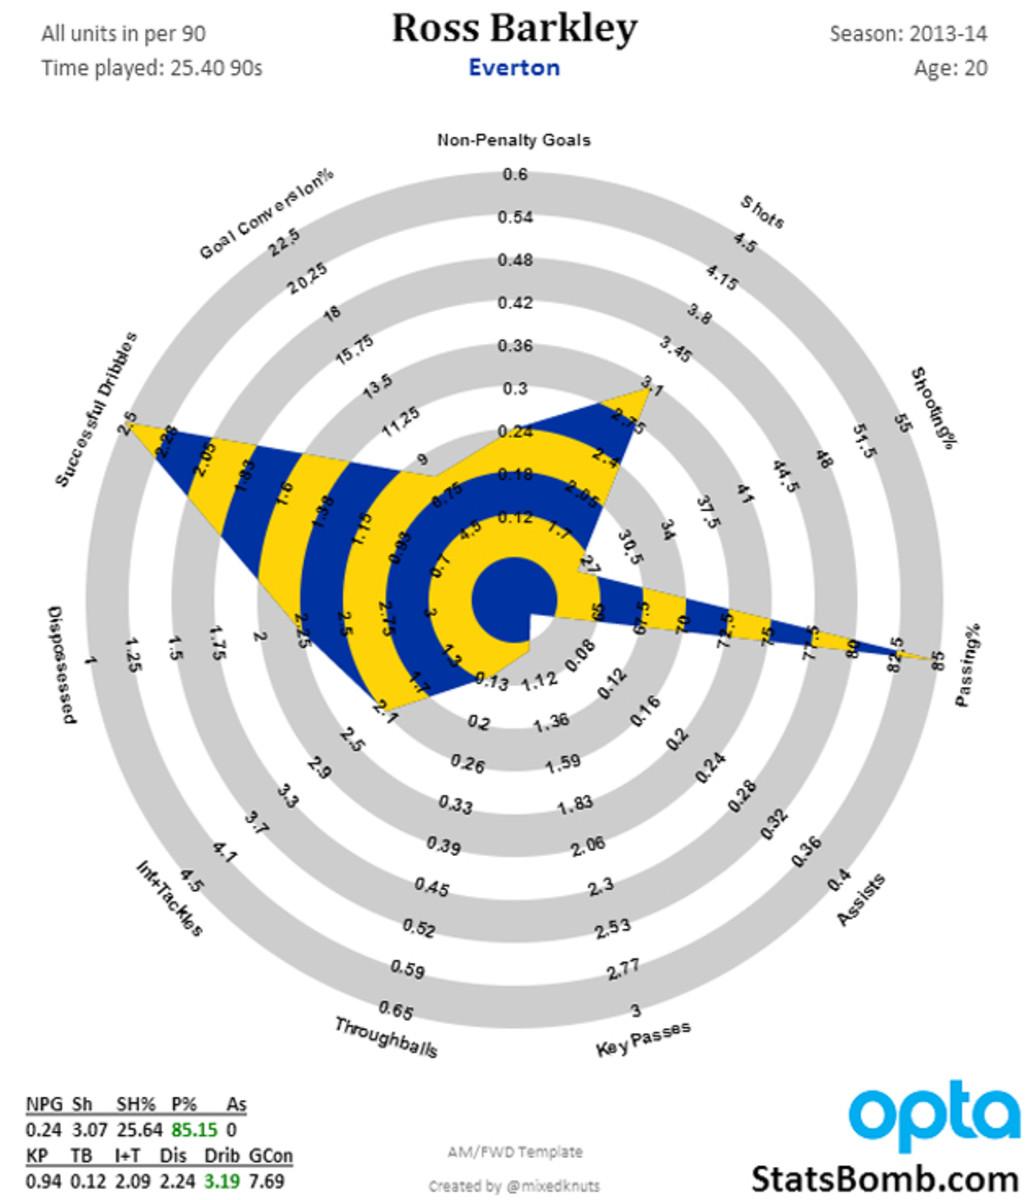 ross-barkley-chart